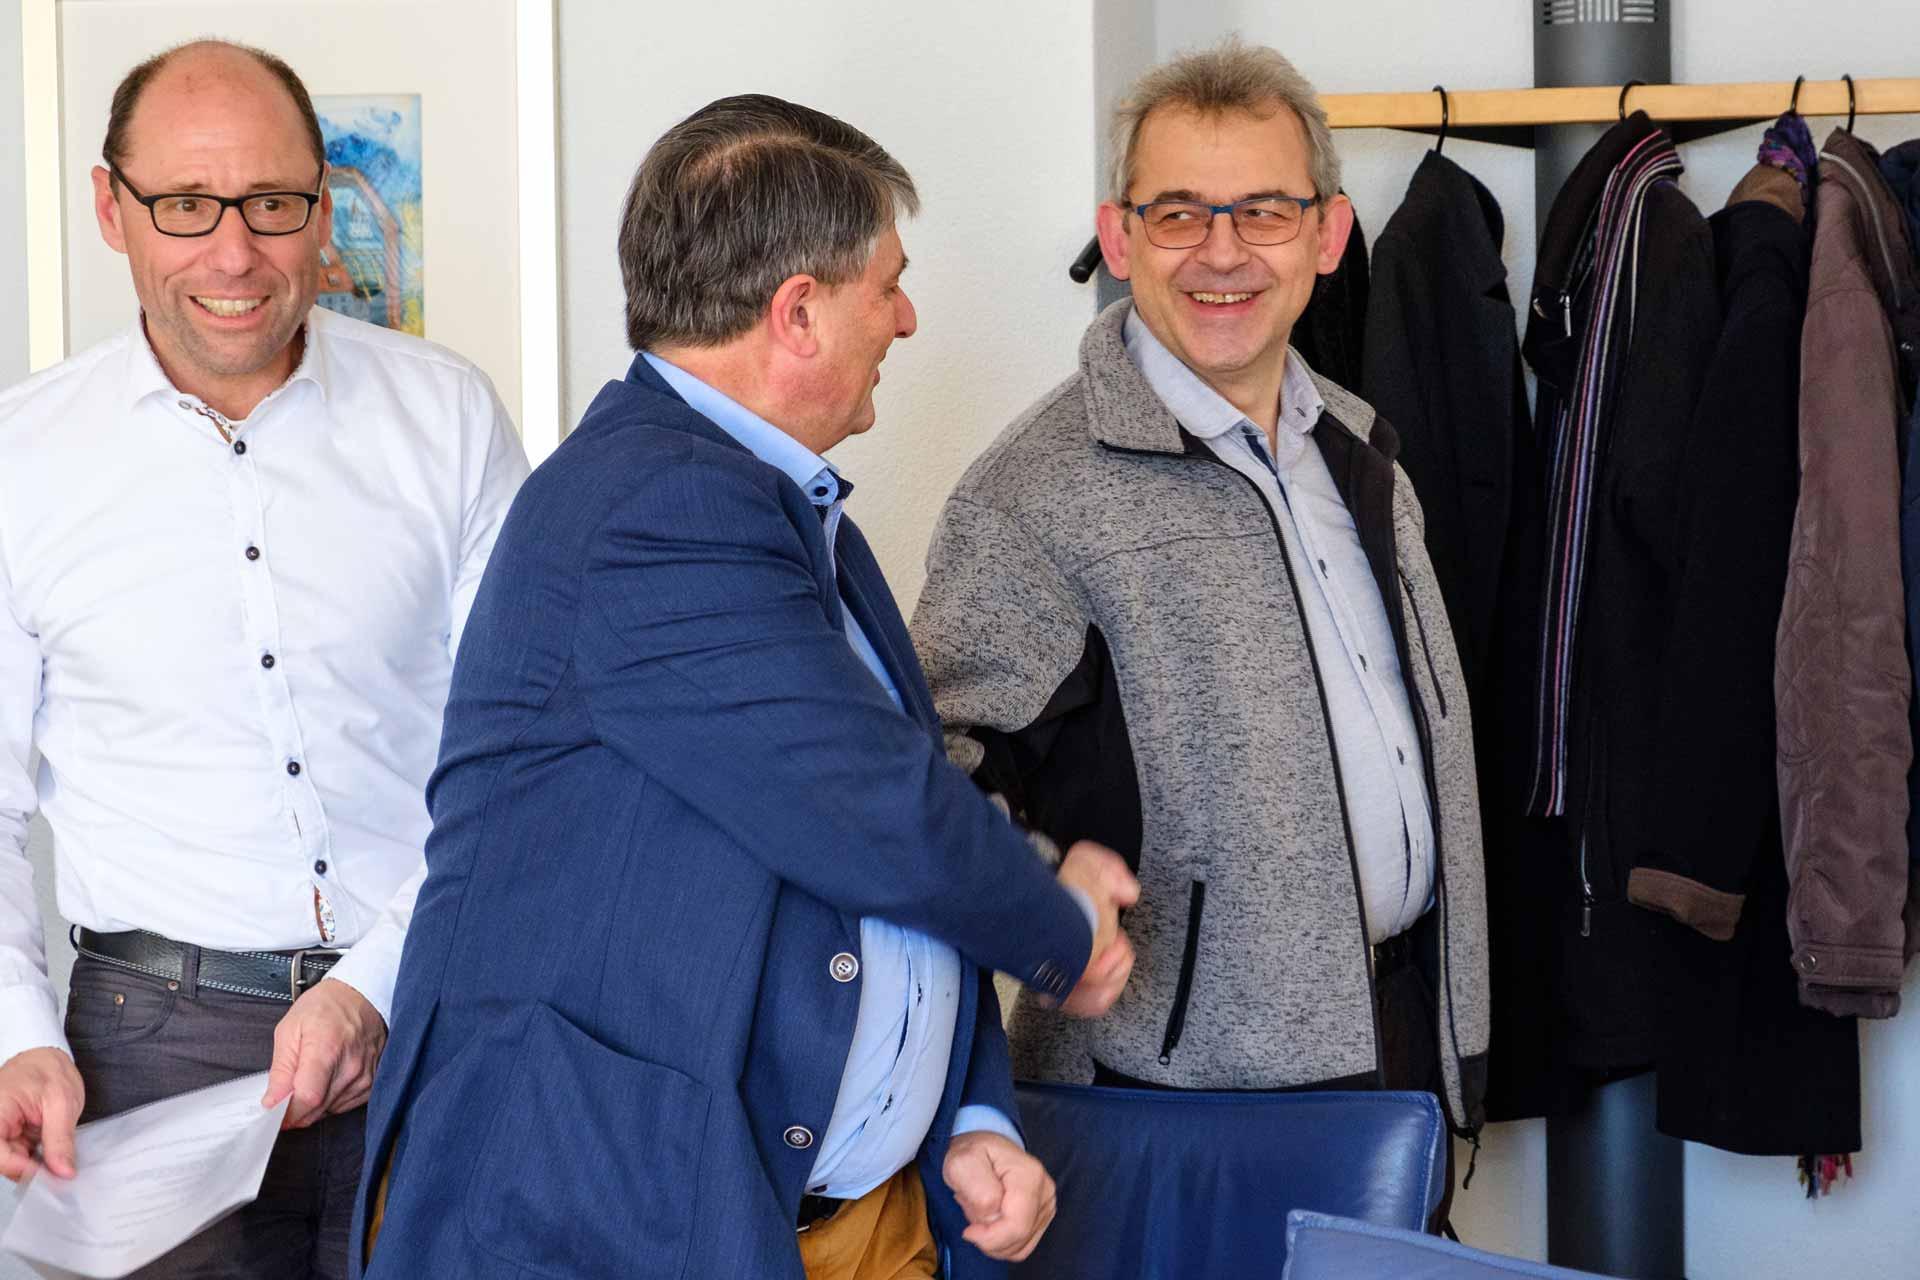 Synodalrat Markus Müller (rechts) am Rand einer Sitzung 2018; er tritt nächstes Jahr nicht mehr zur Wiederwahl an. Links Synodalverwalter Edi Wigger und Synodalrat Hans Burri. | © 2018 Gregor Gander